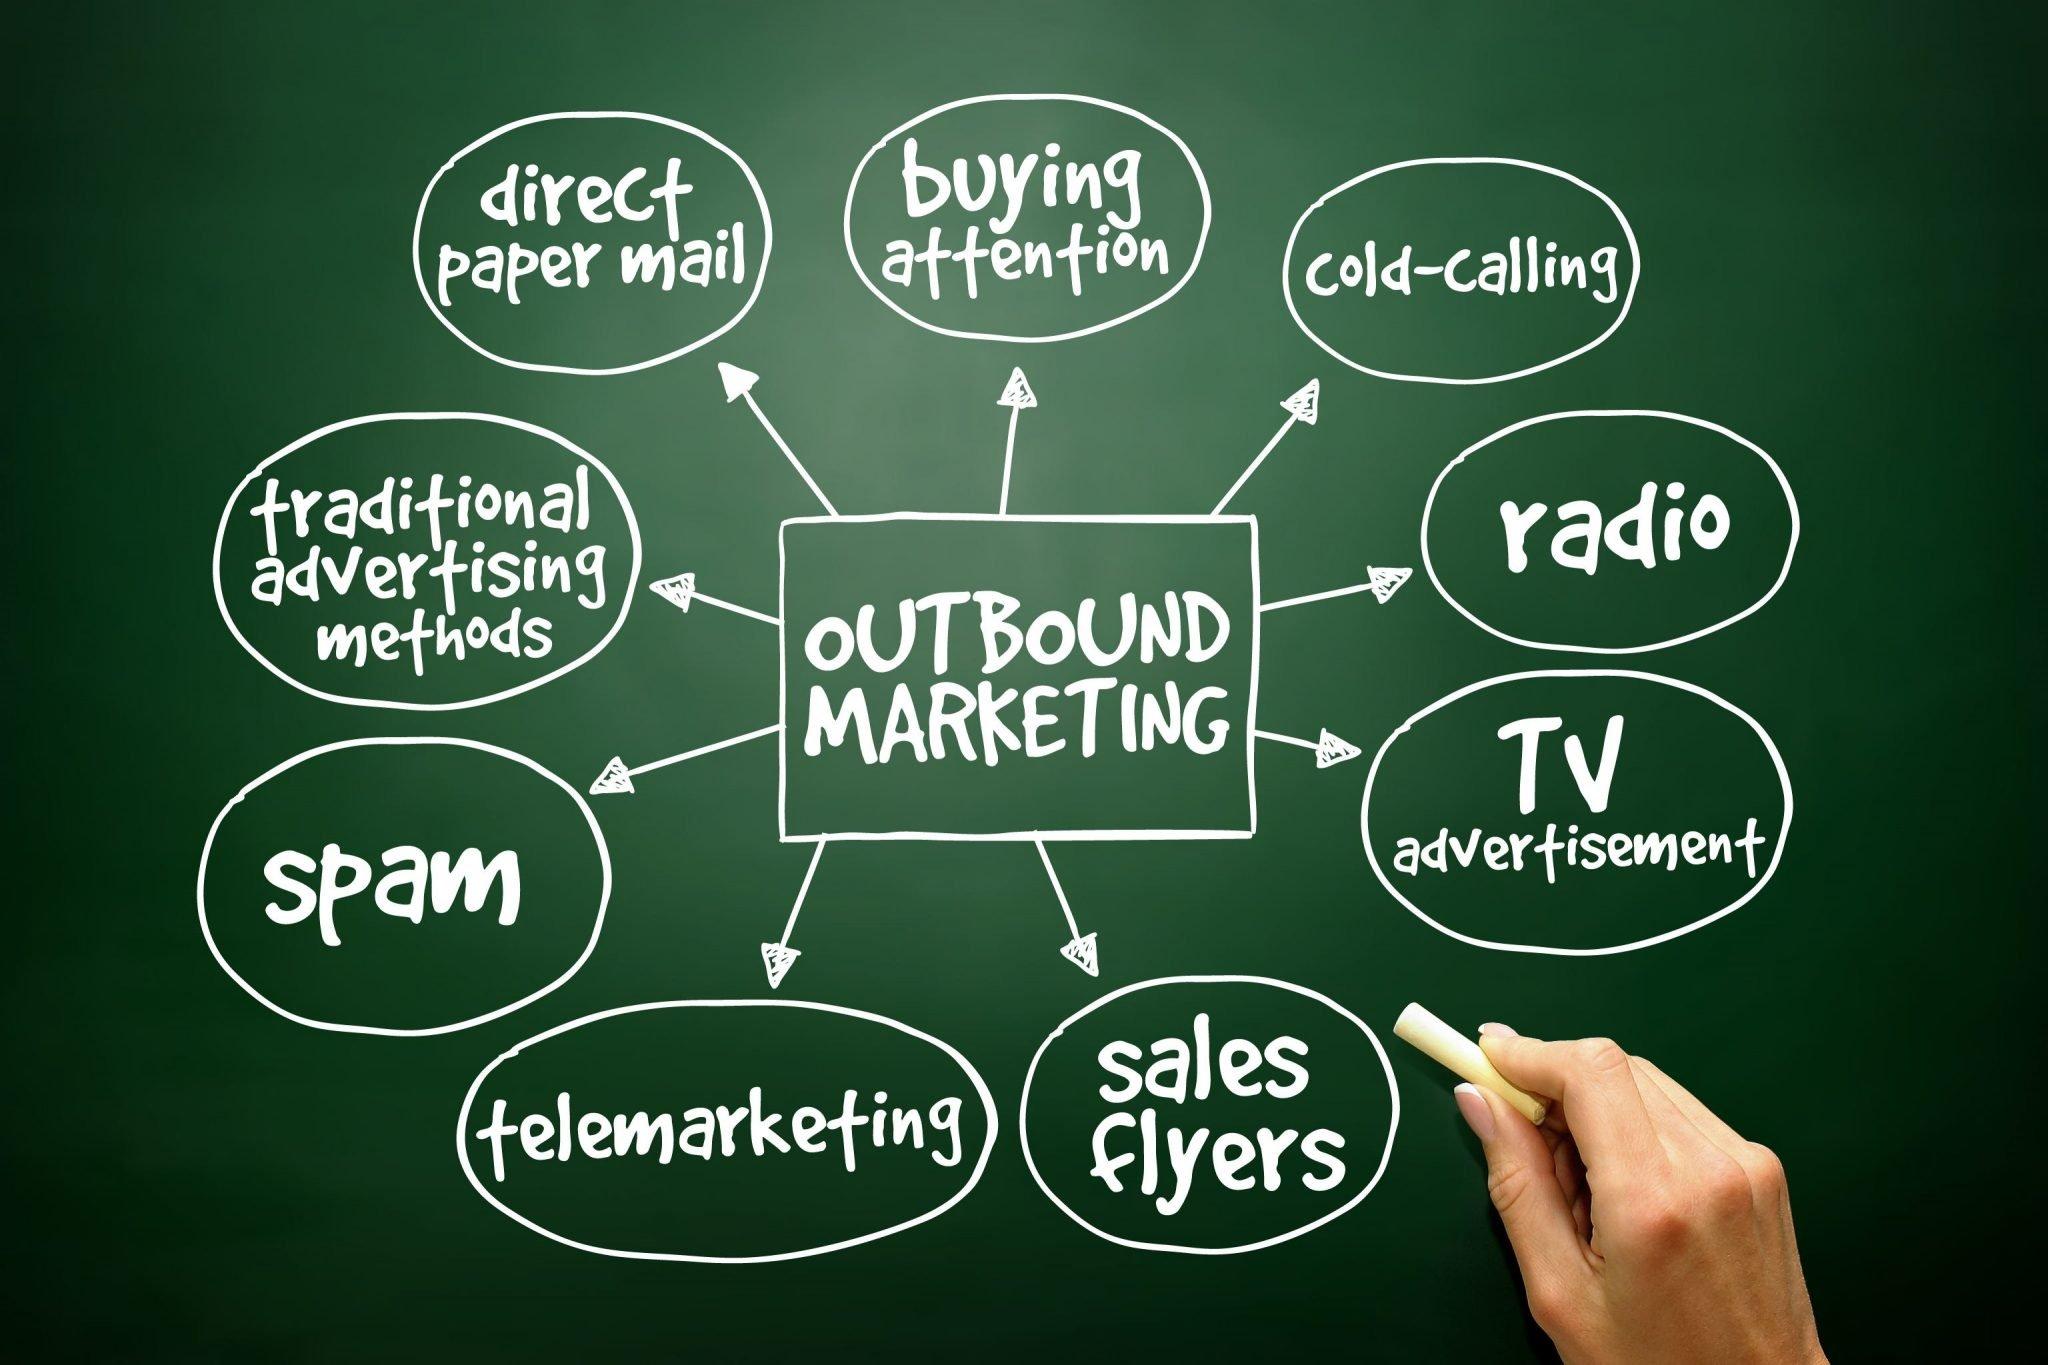 outbound-marketing-o-que-e-e-como-faz-minhas-vendas-multiplicarem - Outbound Marketing – O que é e como ele pode fazer suas vendas multiplicarem?